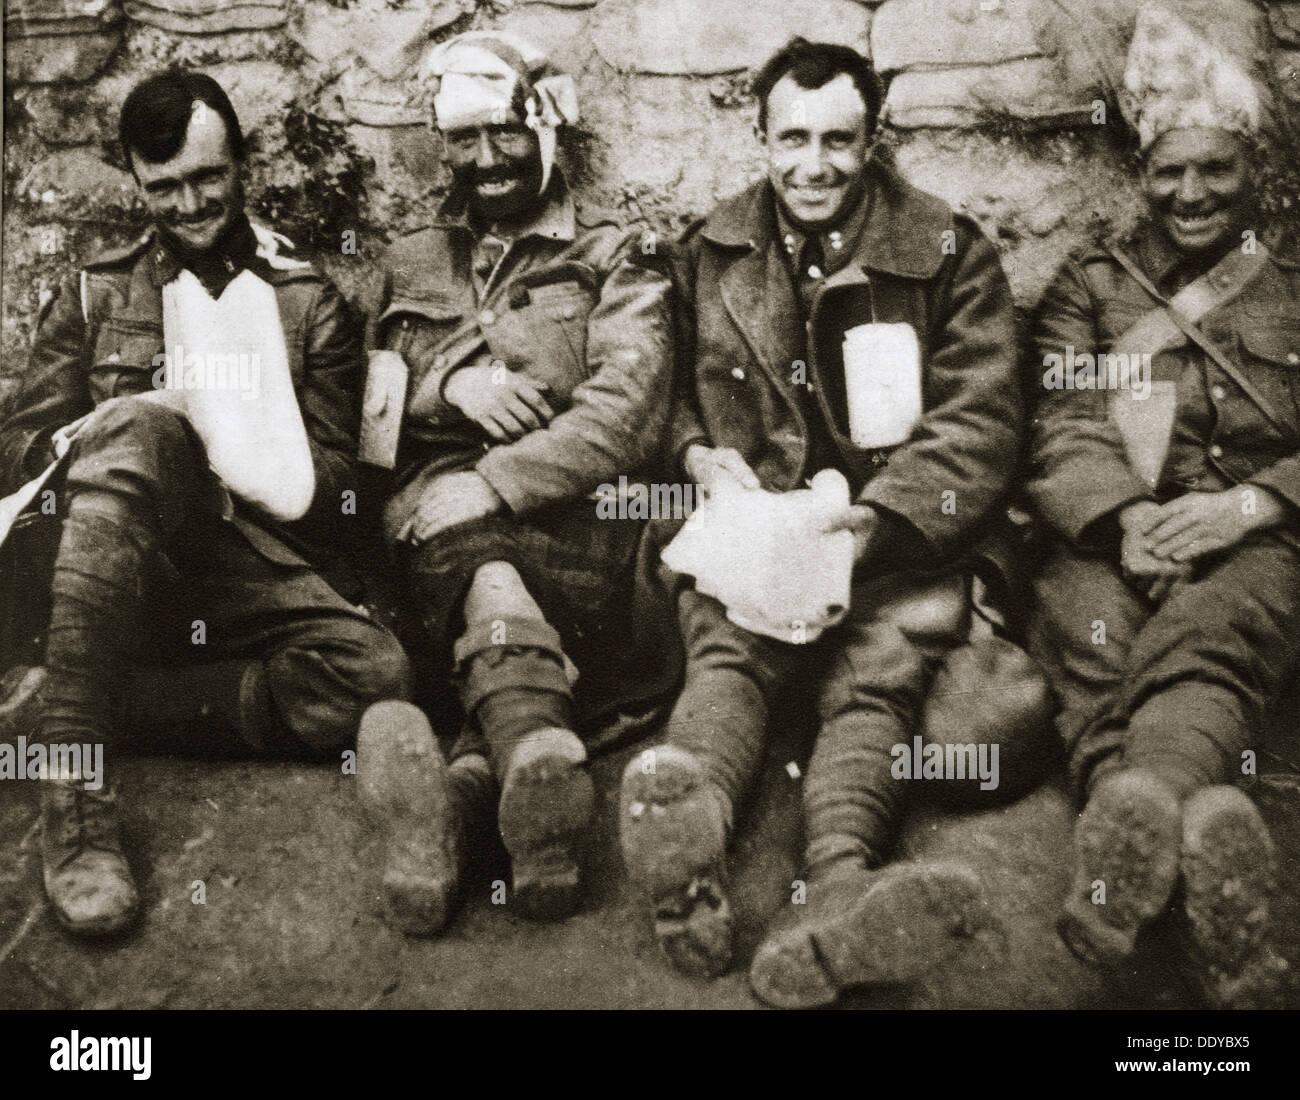 """""""Es ist ein langer Weg zu Tipperary"""", irische Truppen bei Gallipoli, Türkei, Weltkrieg, c1915-c1916. Künstler: unbekannt Stockfoto"""